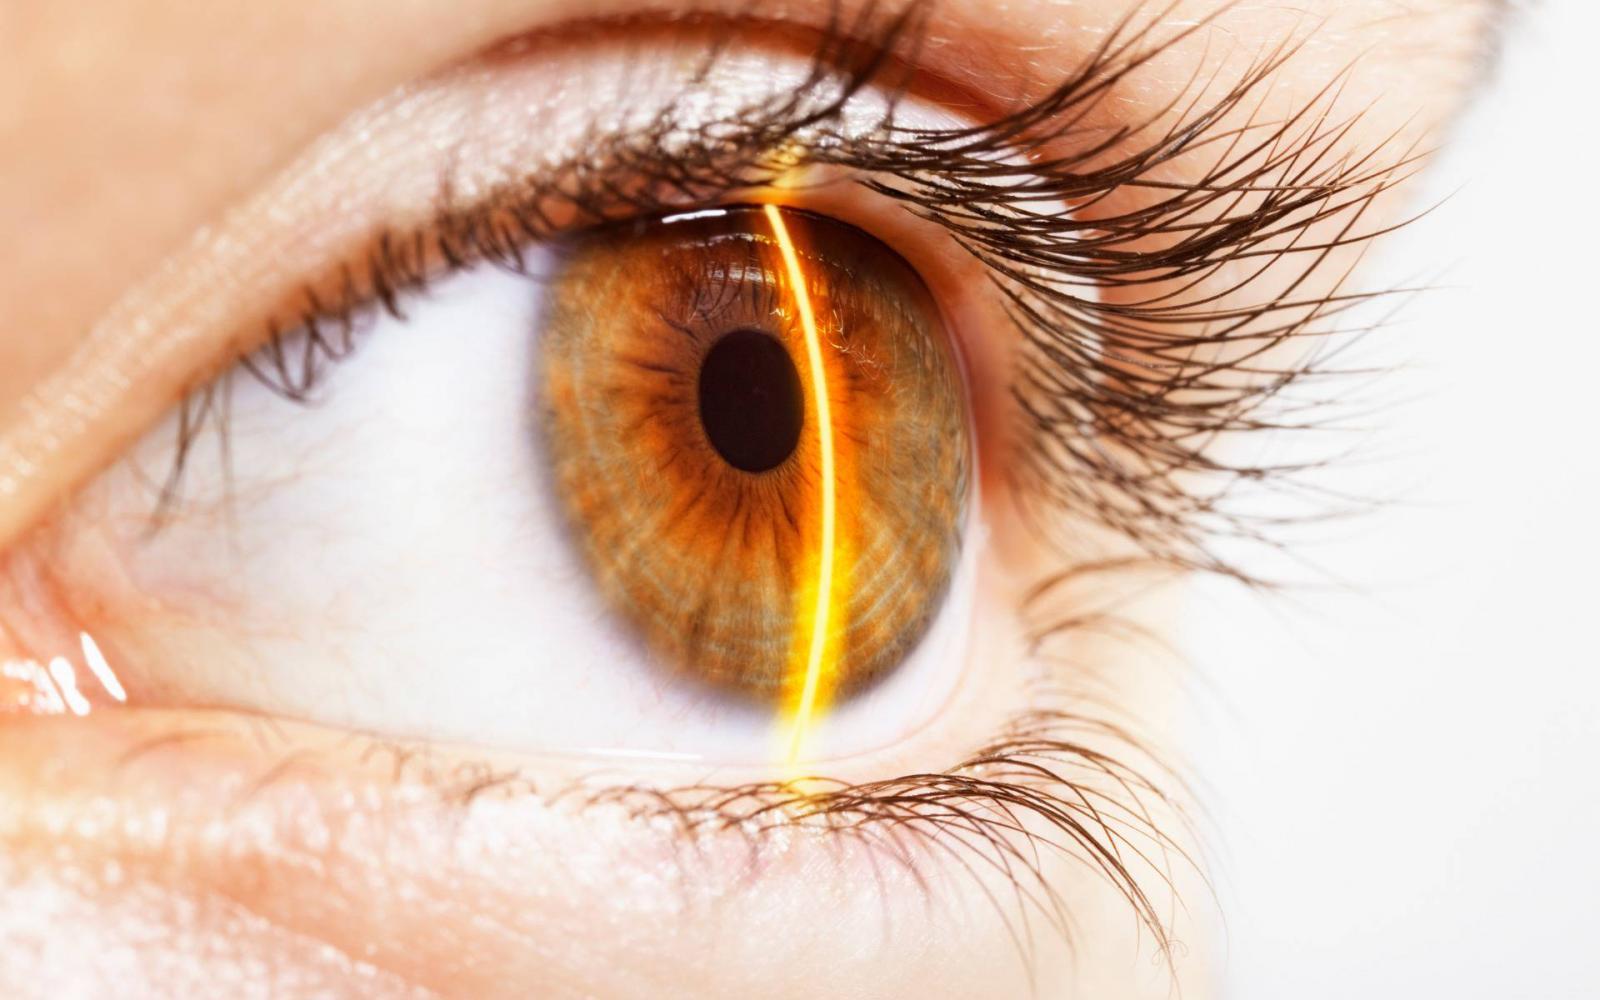 hogyan lehet visszaállítani a látást, ami csökken